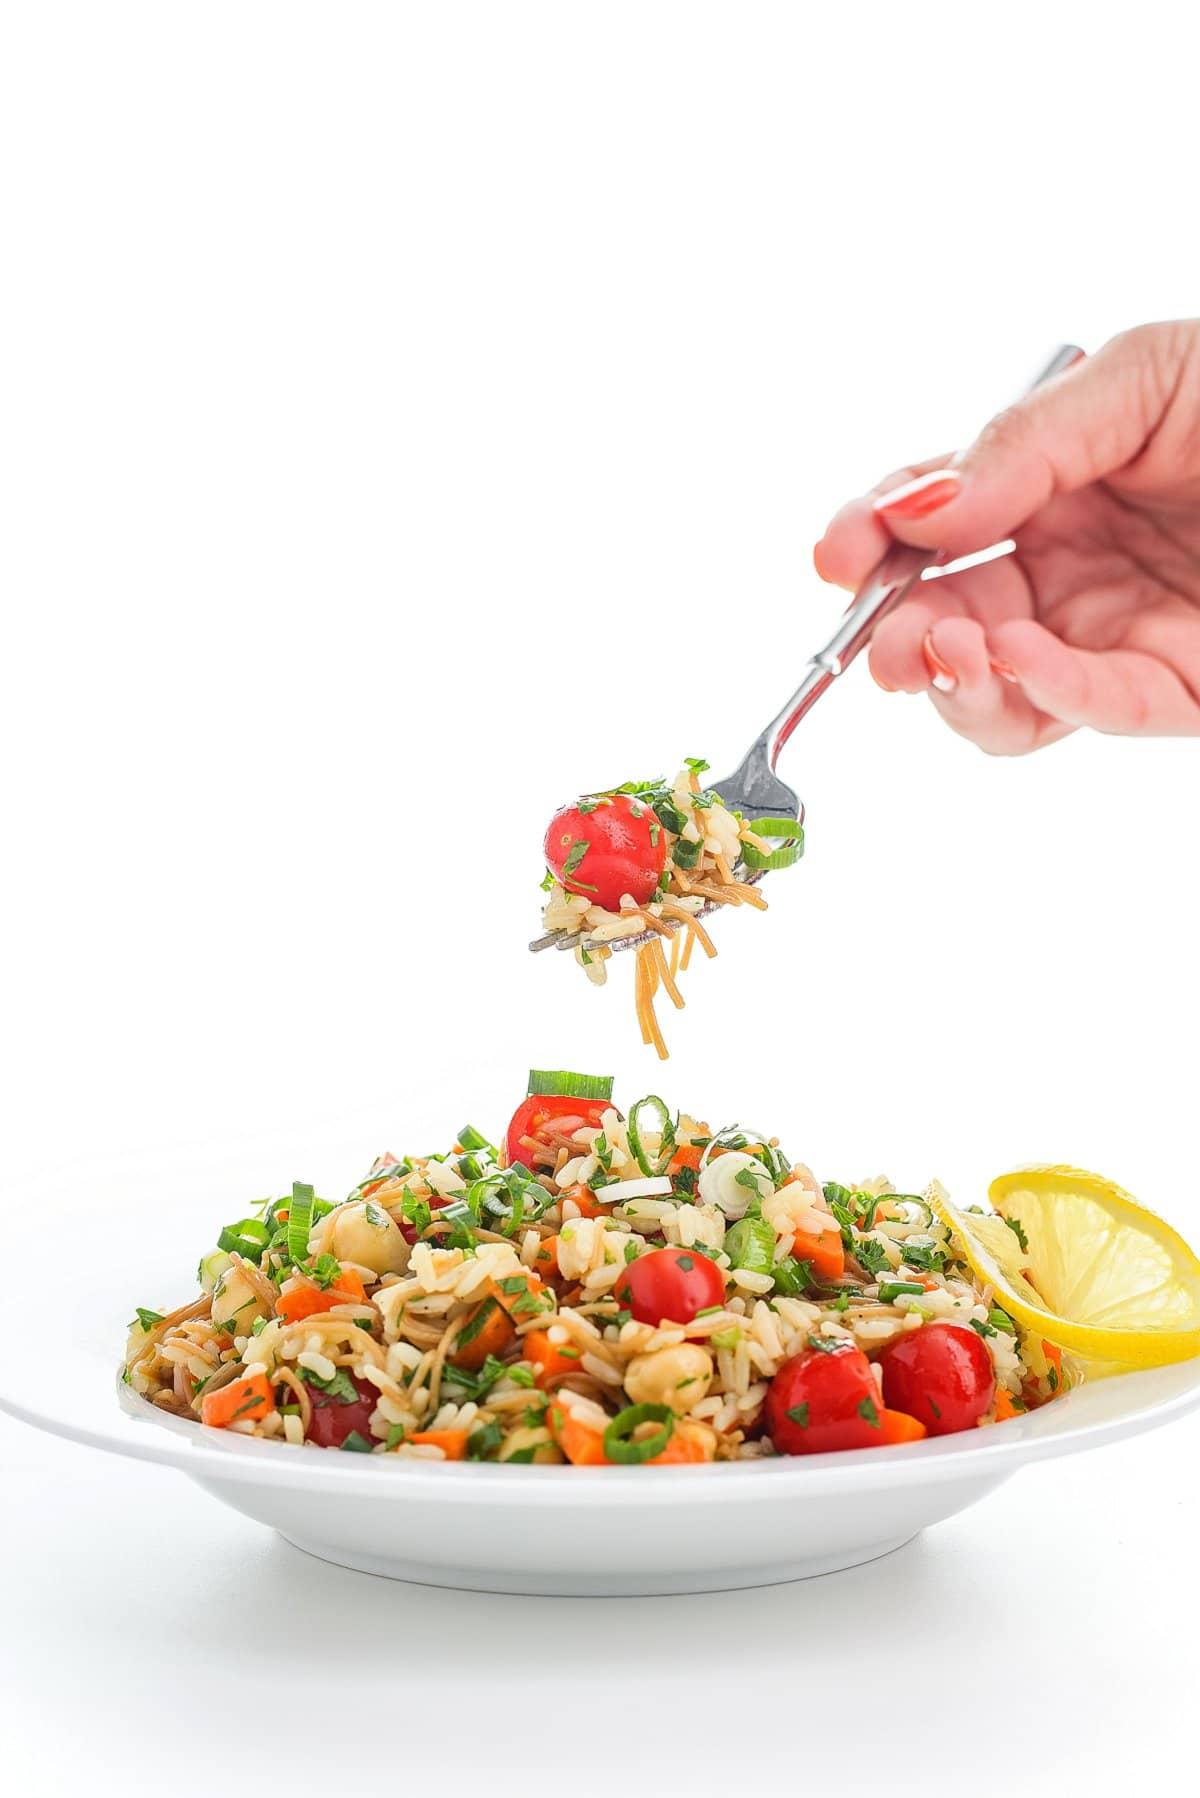 fork full of lebanese rice salad